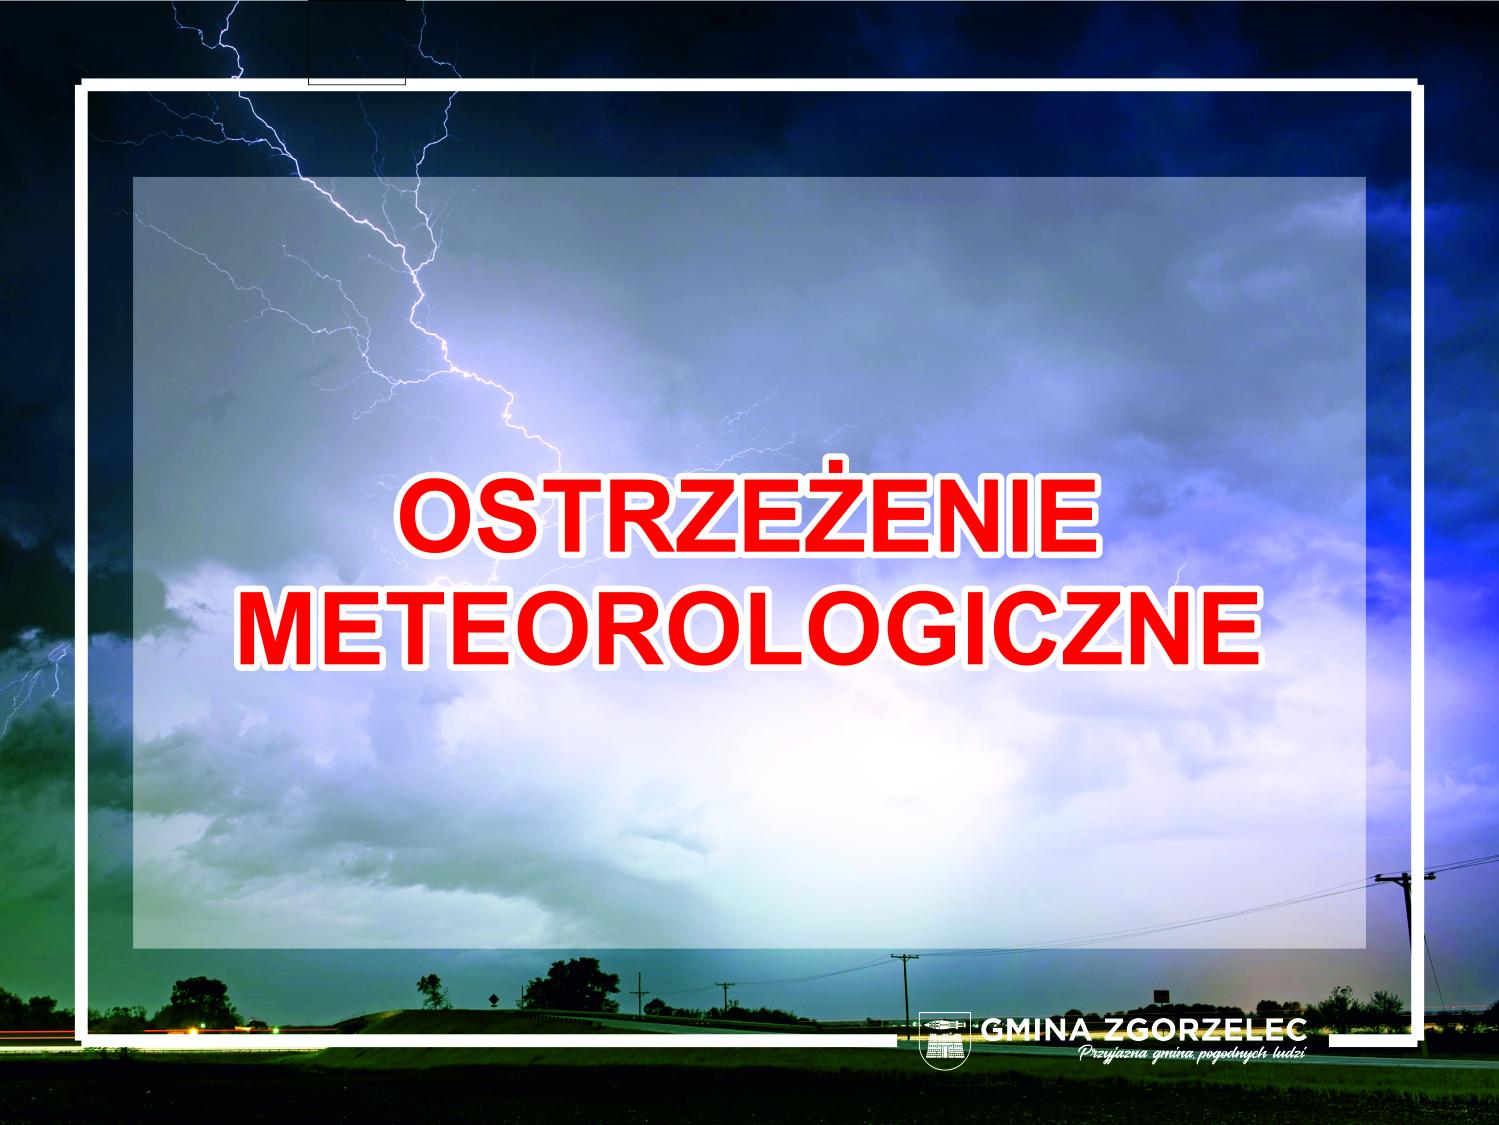 Ostrzeżenie meteorologiczne – silny wiatr